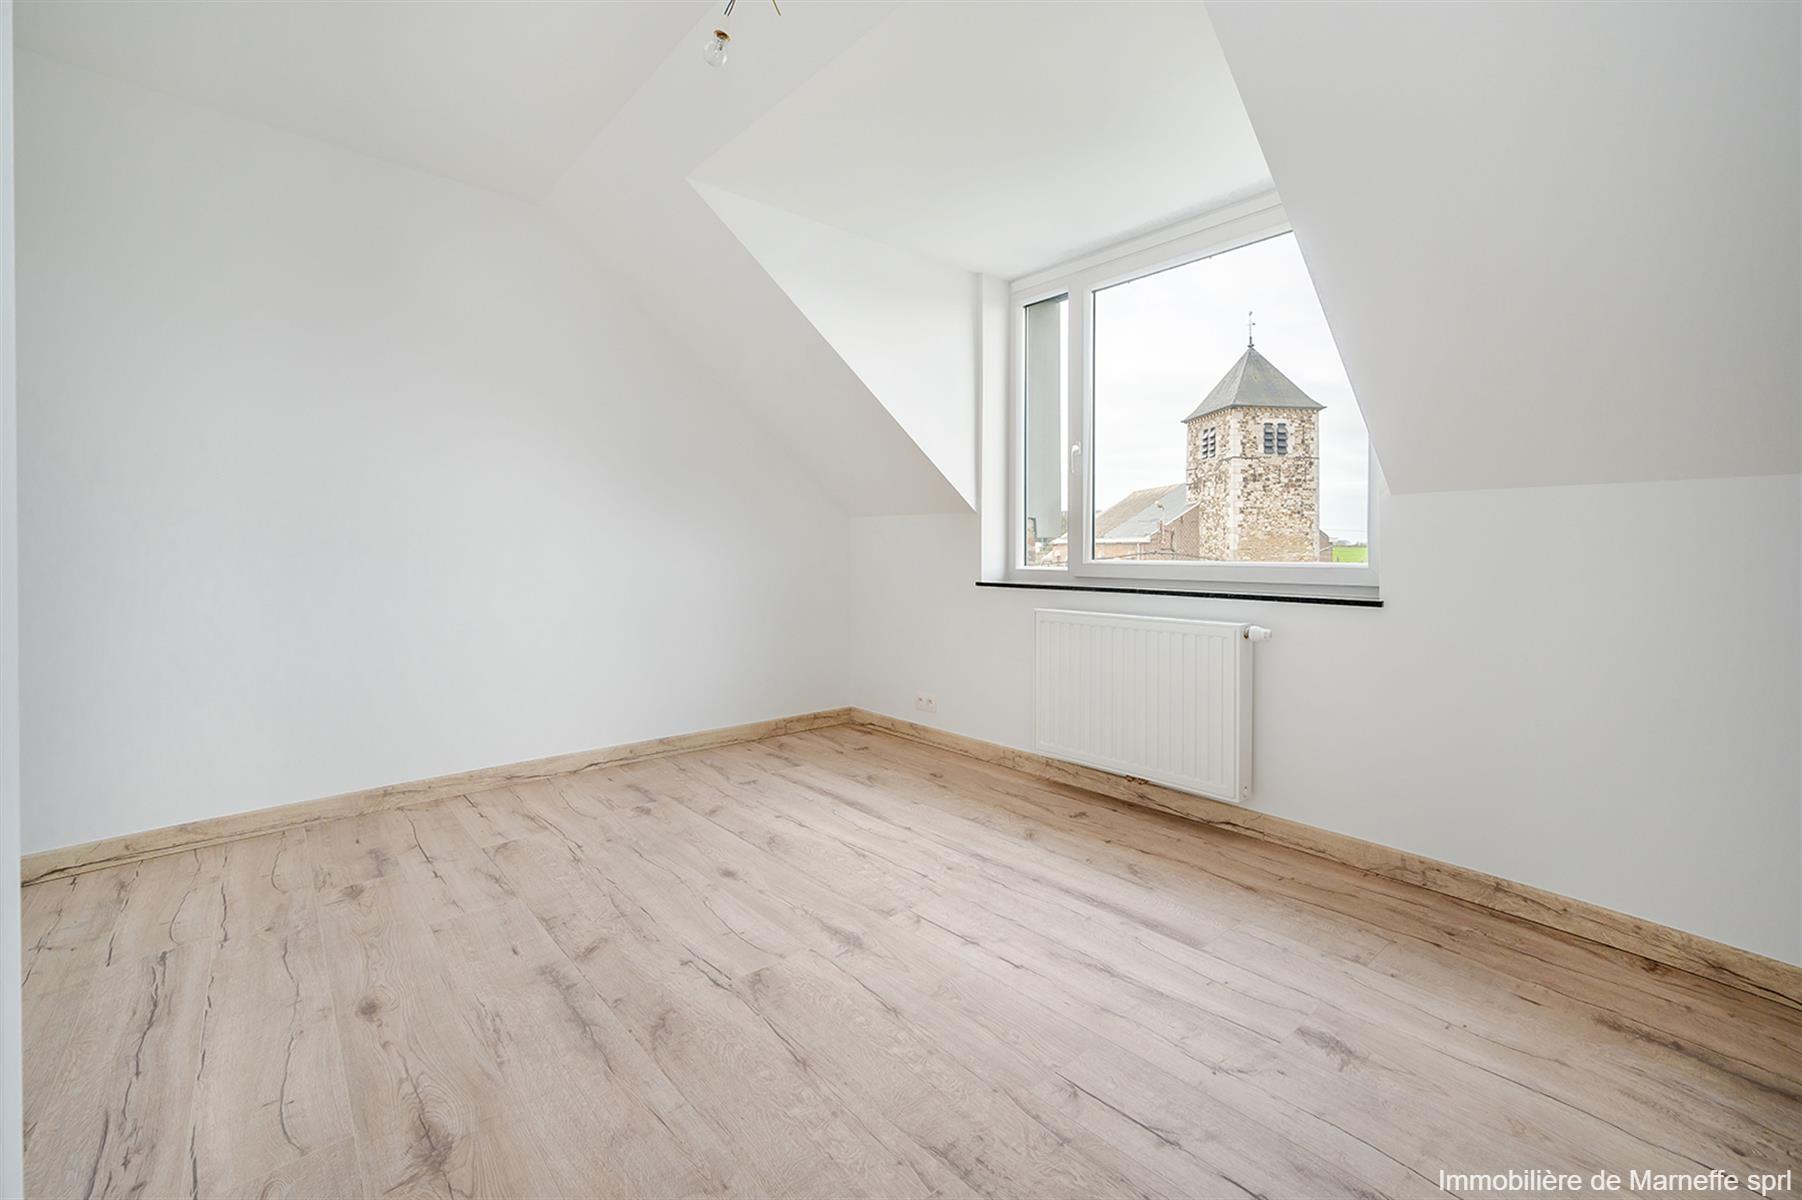 Maison - Grâce-Hollogne Velroux - #4325744-14